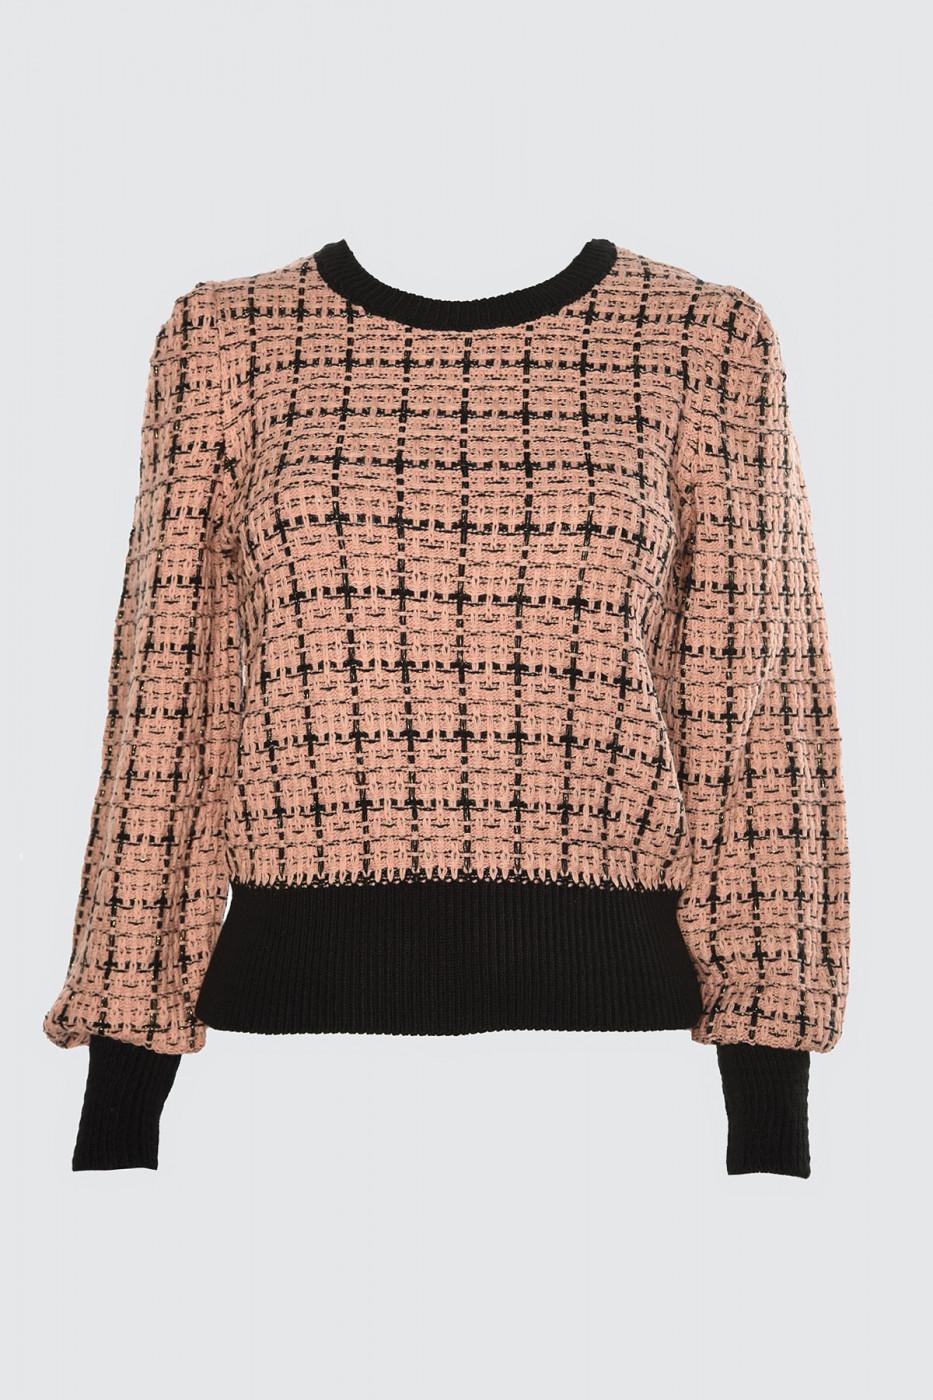 Trendyol Rose Dry Simli Tweed-Looking Knit Co-wearer Sweater